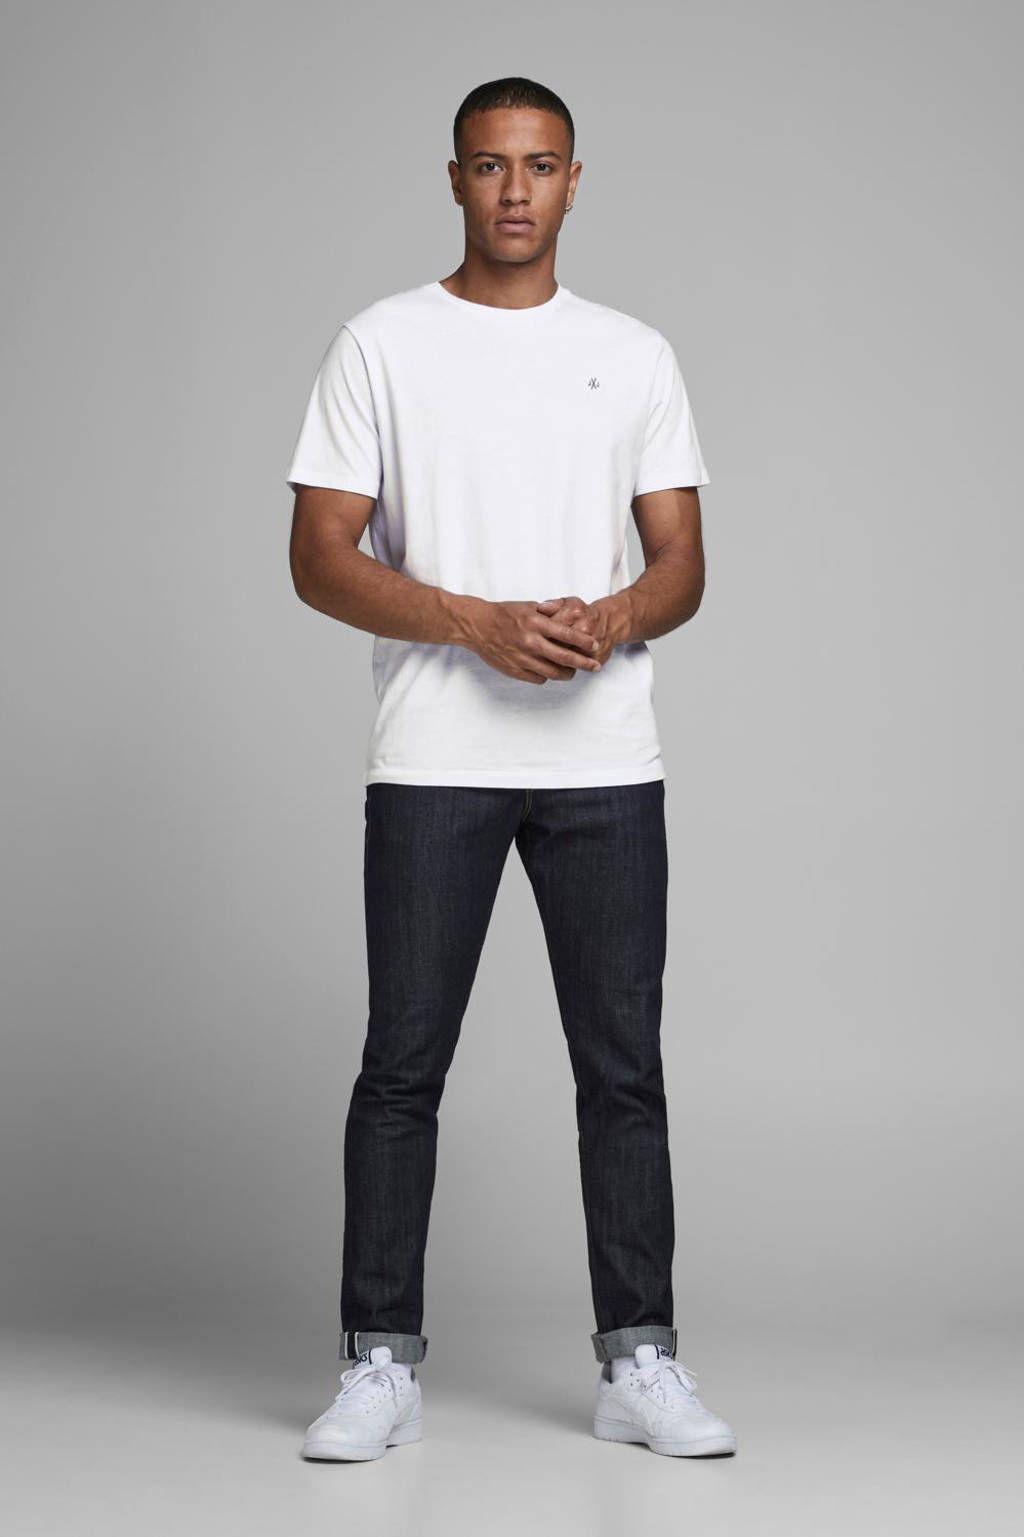 JACK & JONES T-shirt JORJXJ  (set van 5) wit/grijs/groen/blauw/zwart, Wit/grijs/groen/blauw/zwart